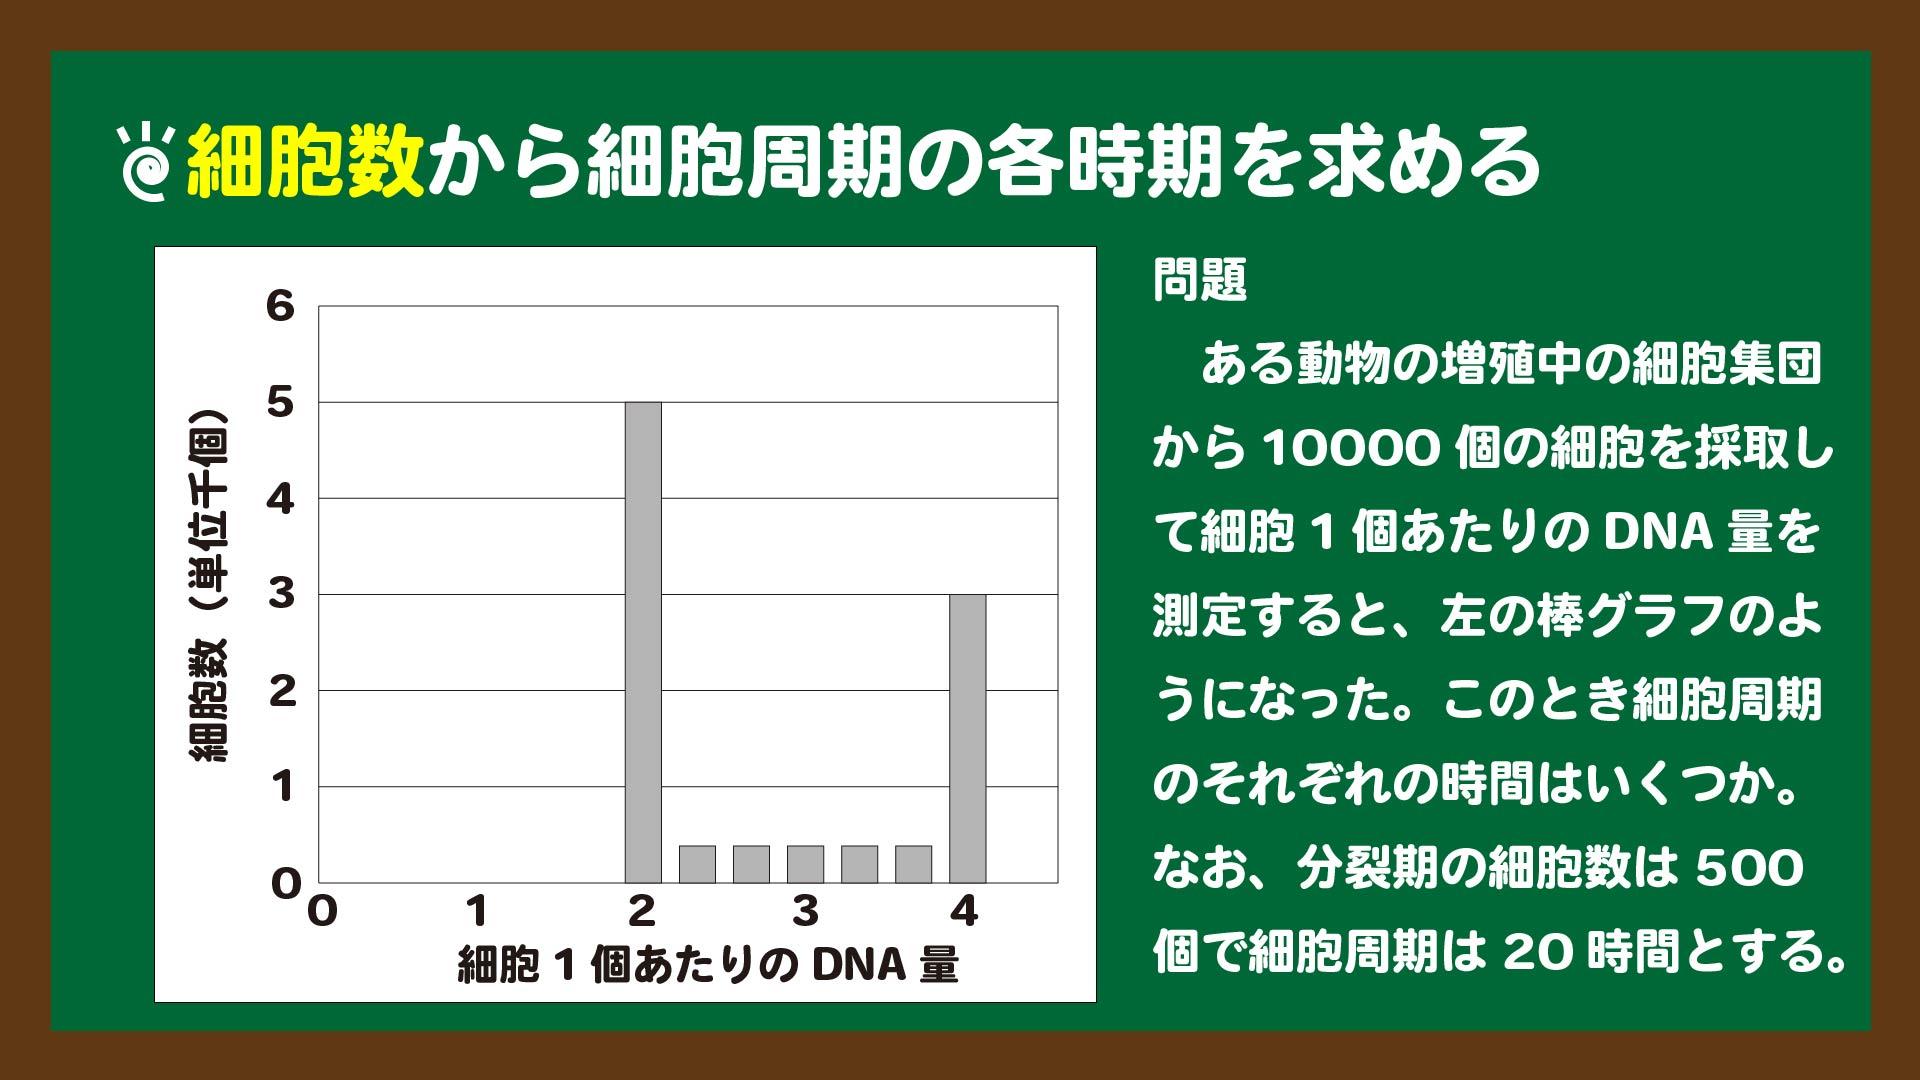 スライド8:細胞数から細胞周期の各時期を求める問題